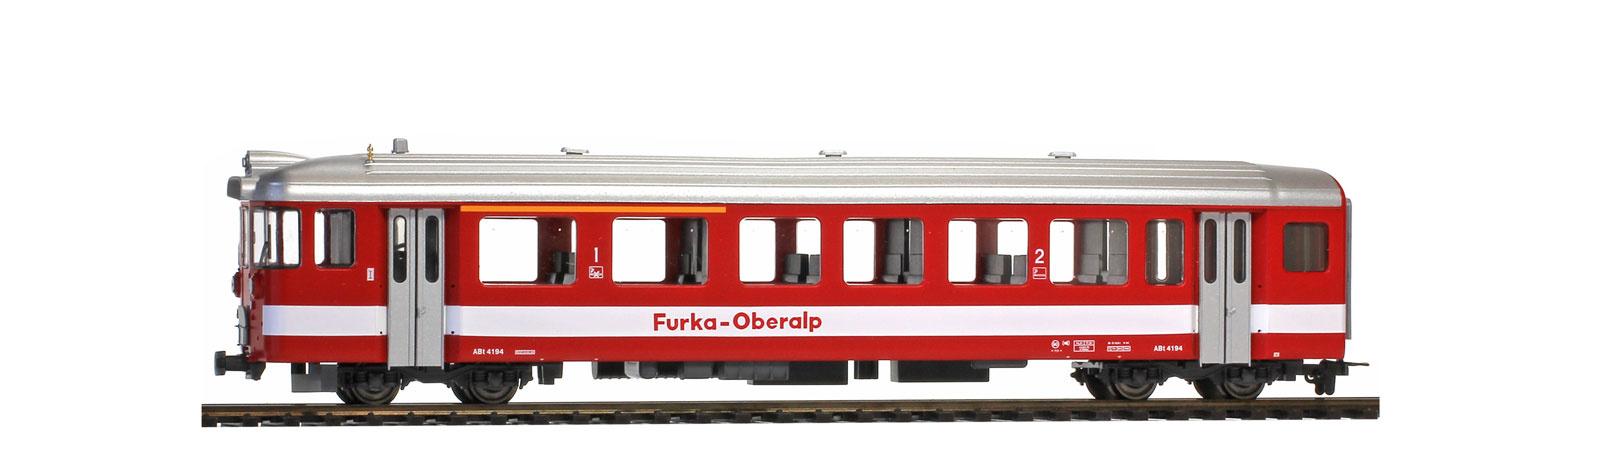 3275218 FO ABt 4194 Steuerwagen weißes Band-1